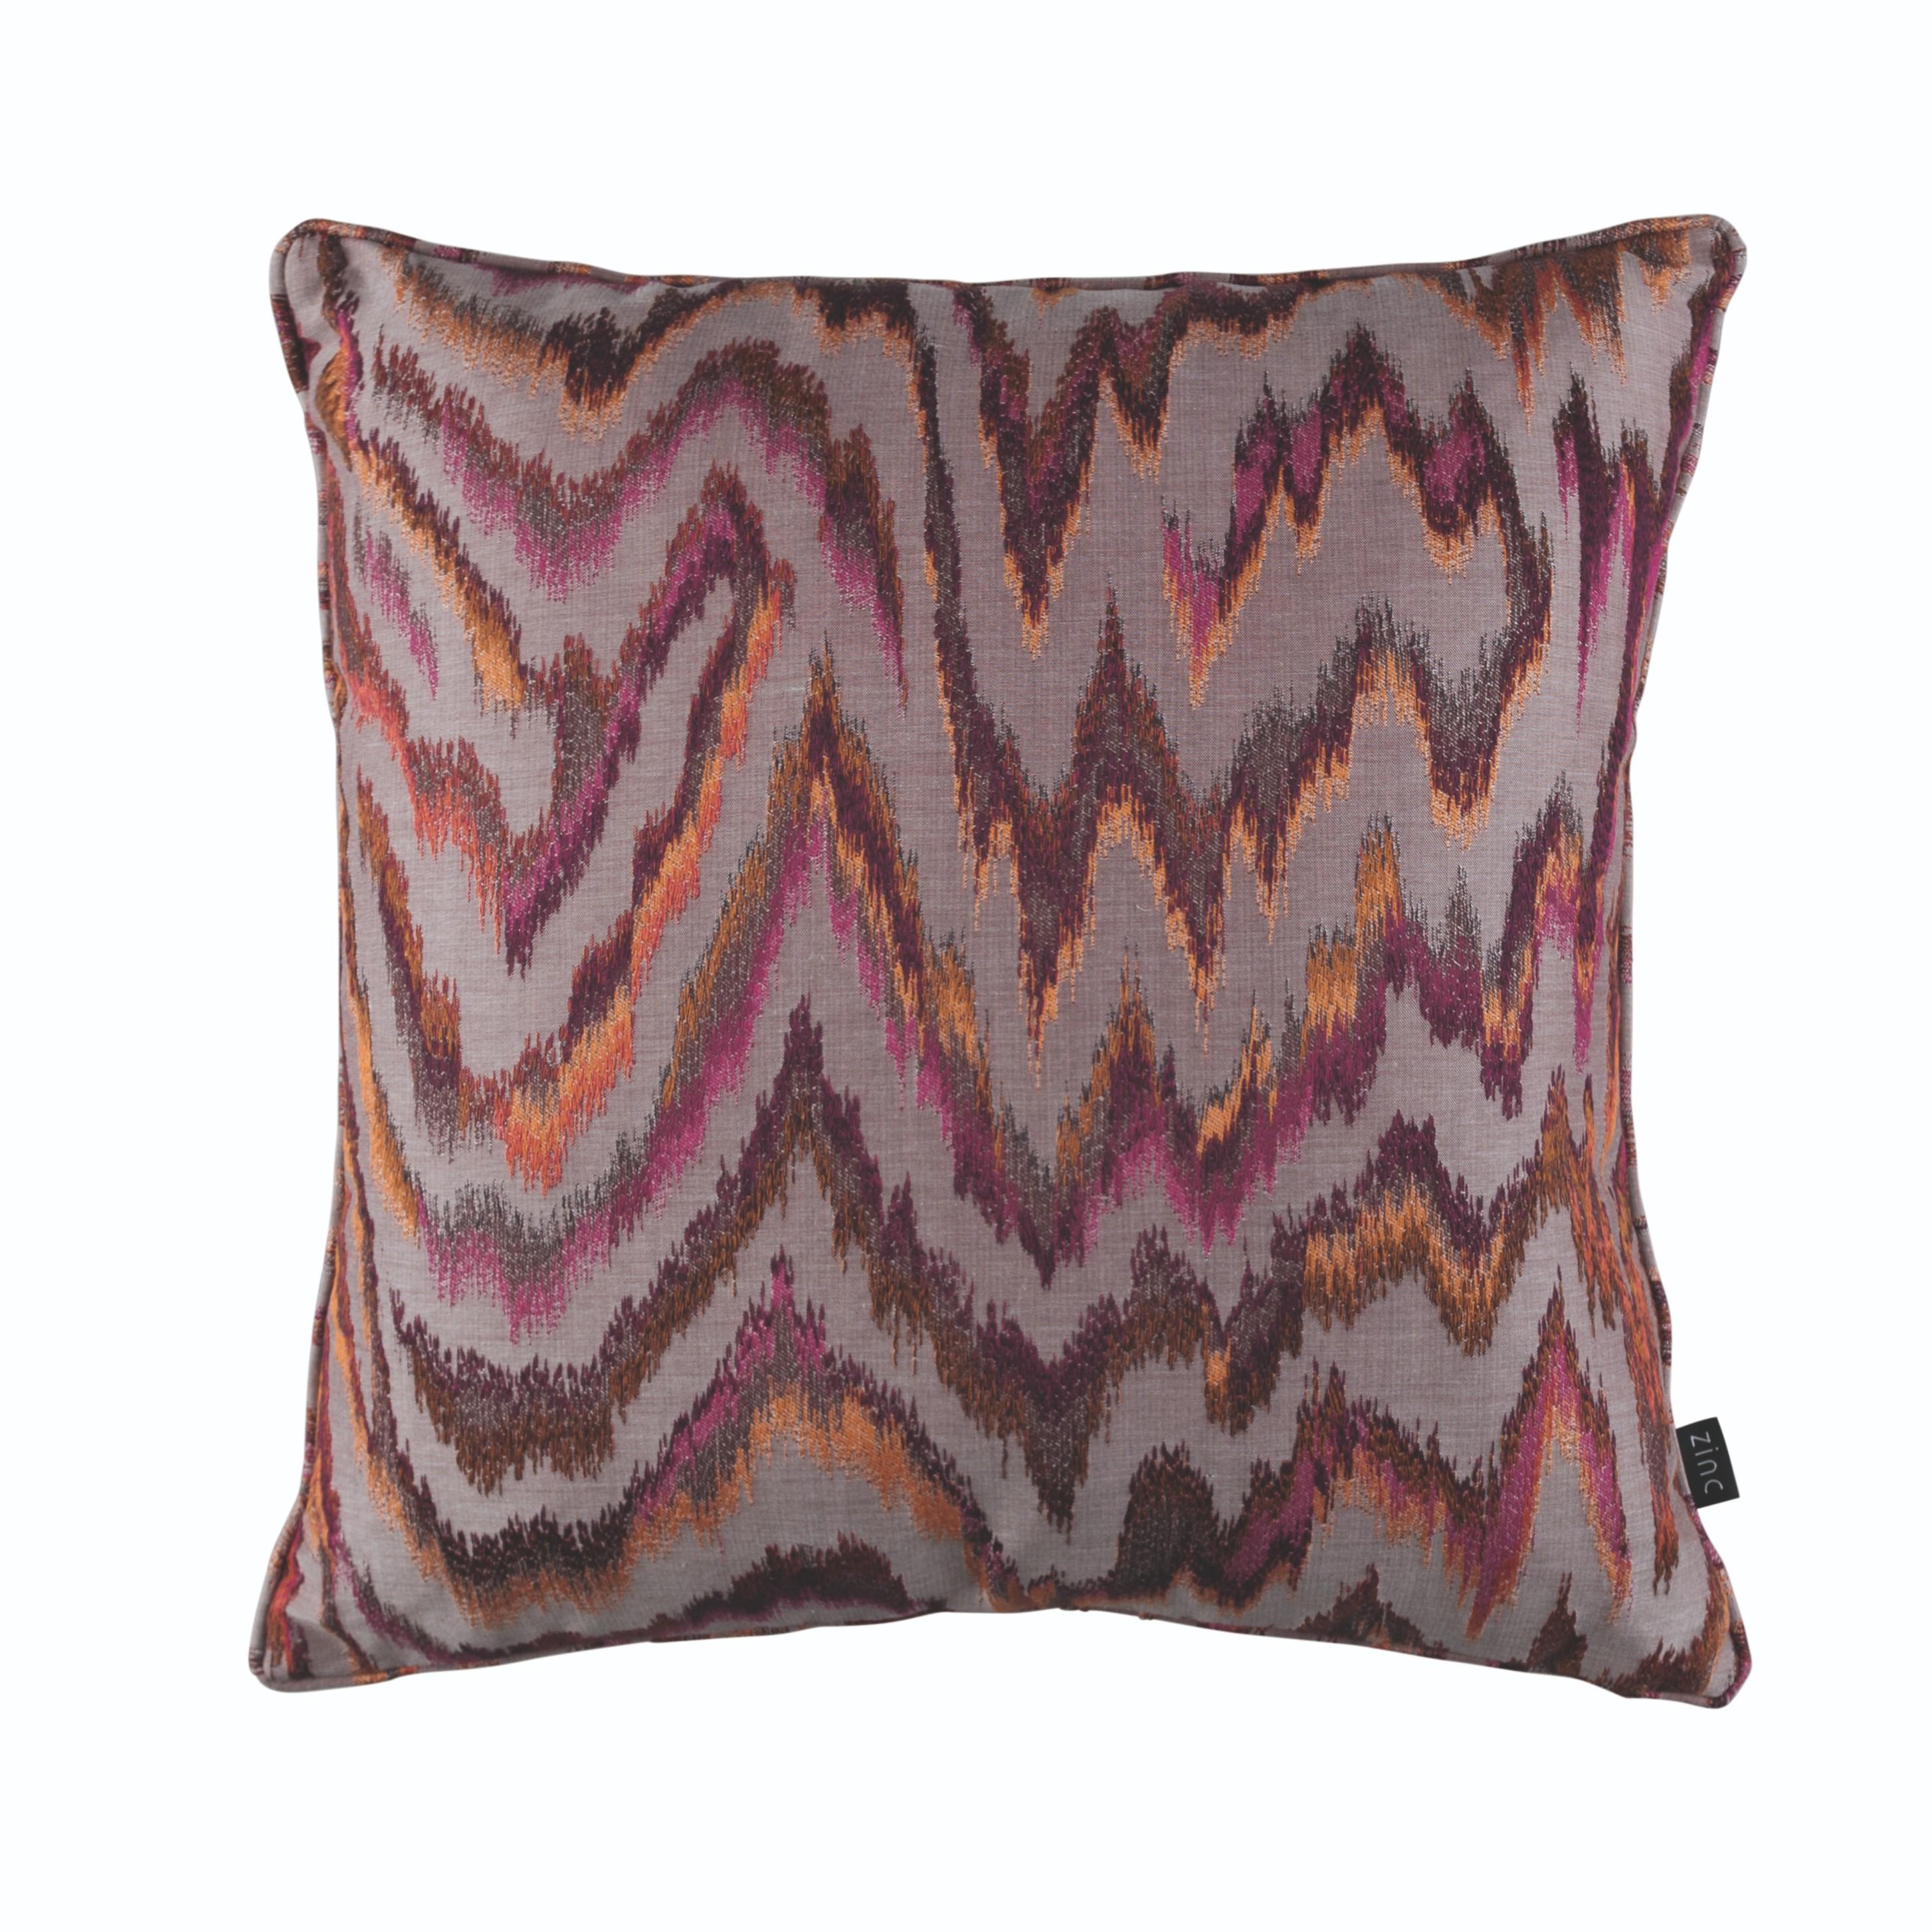 Zinc Romo I Valenza Cushion   Marmolite